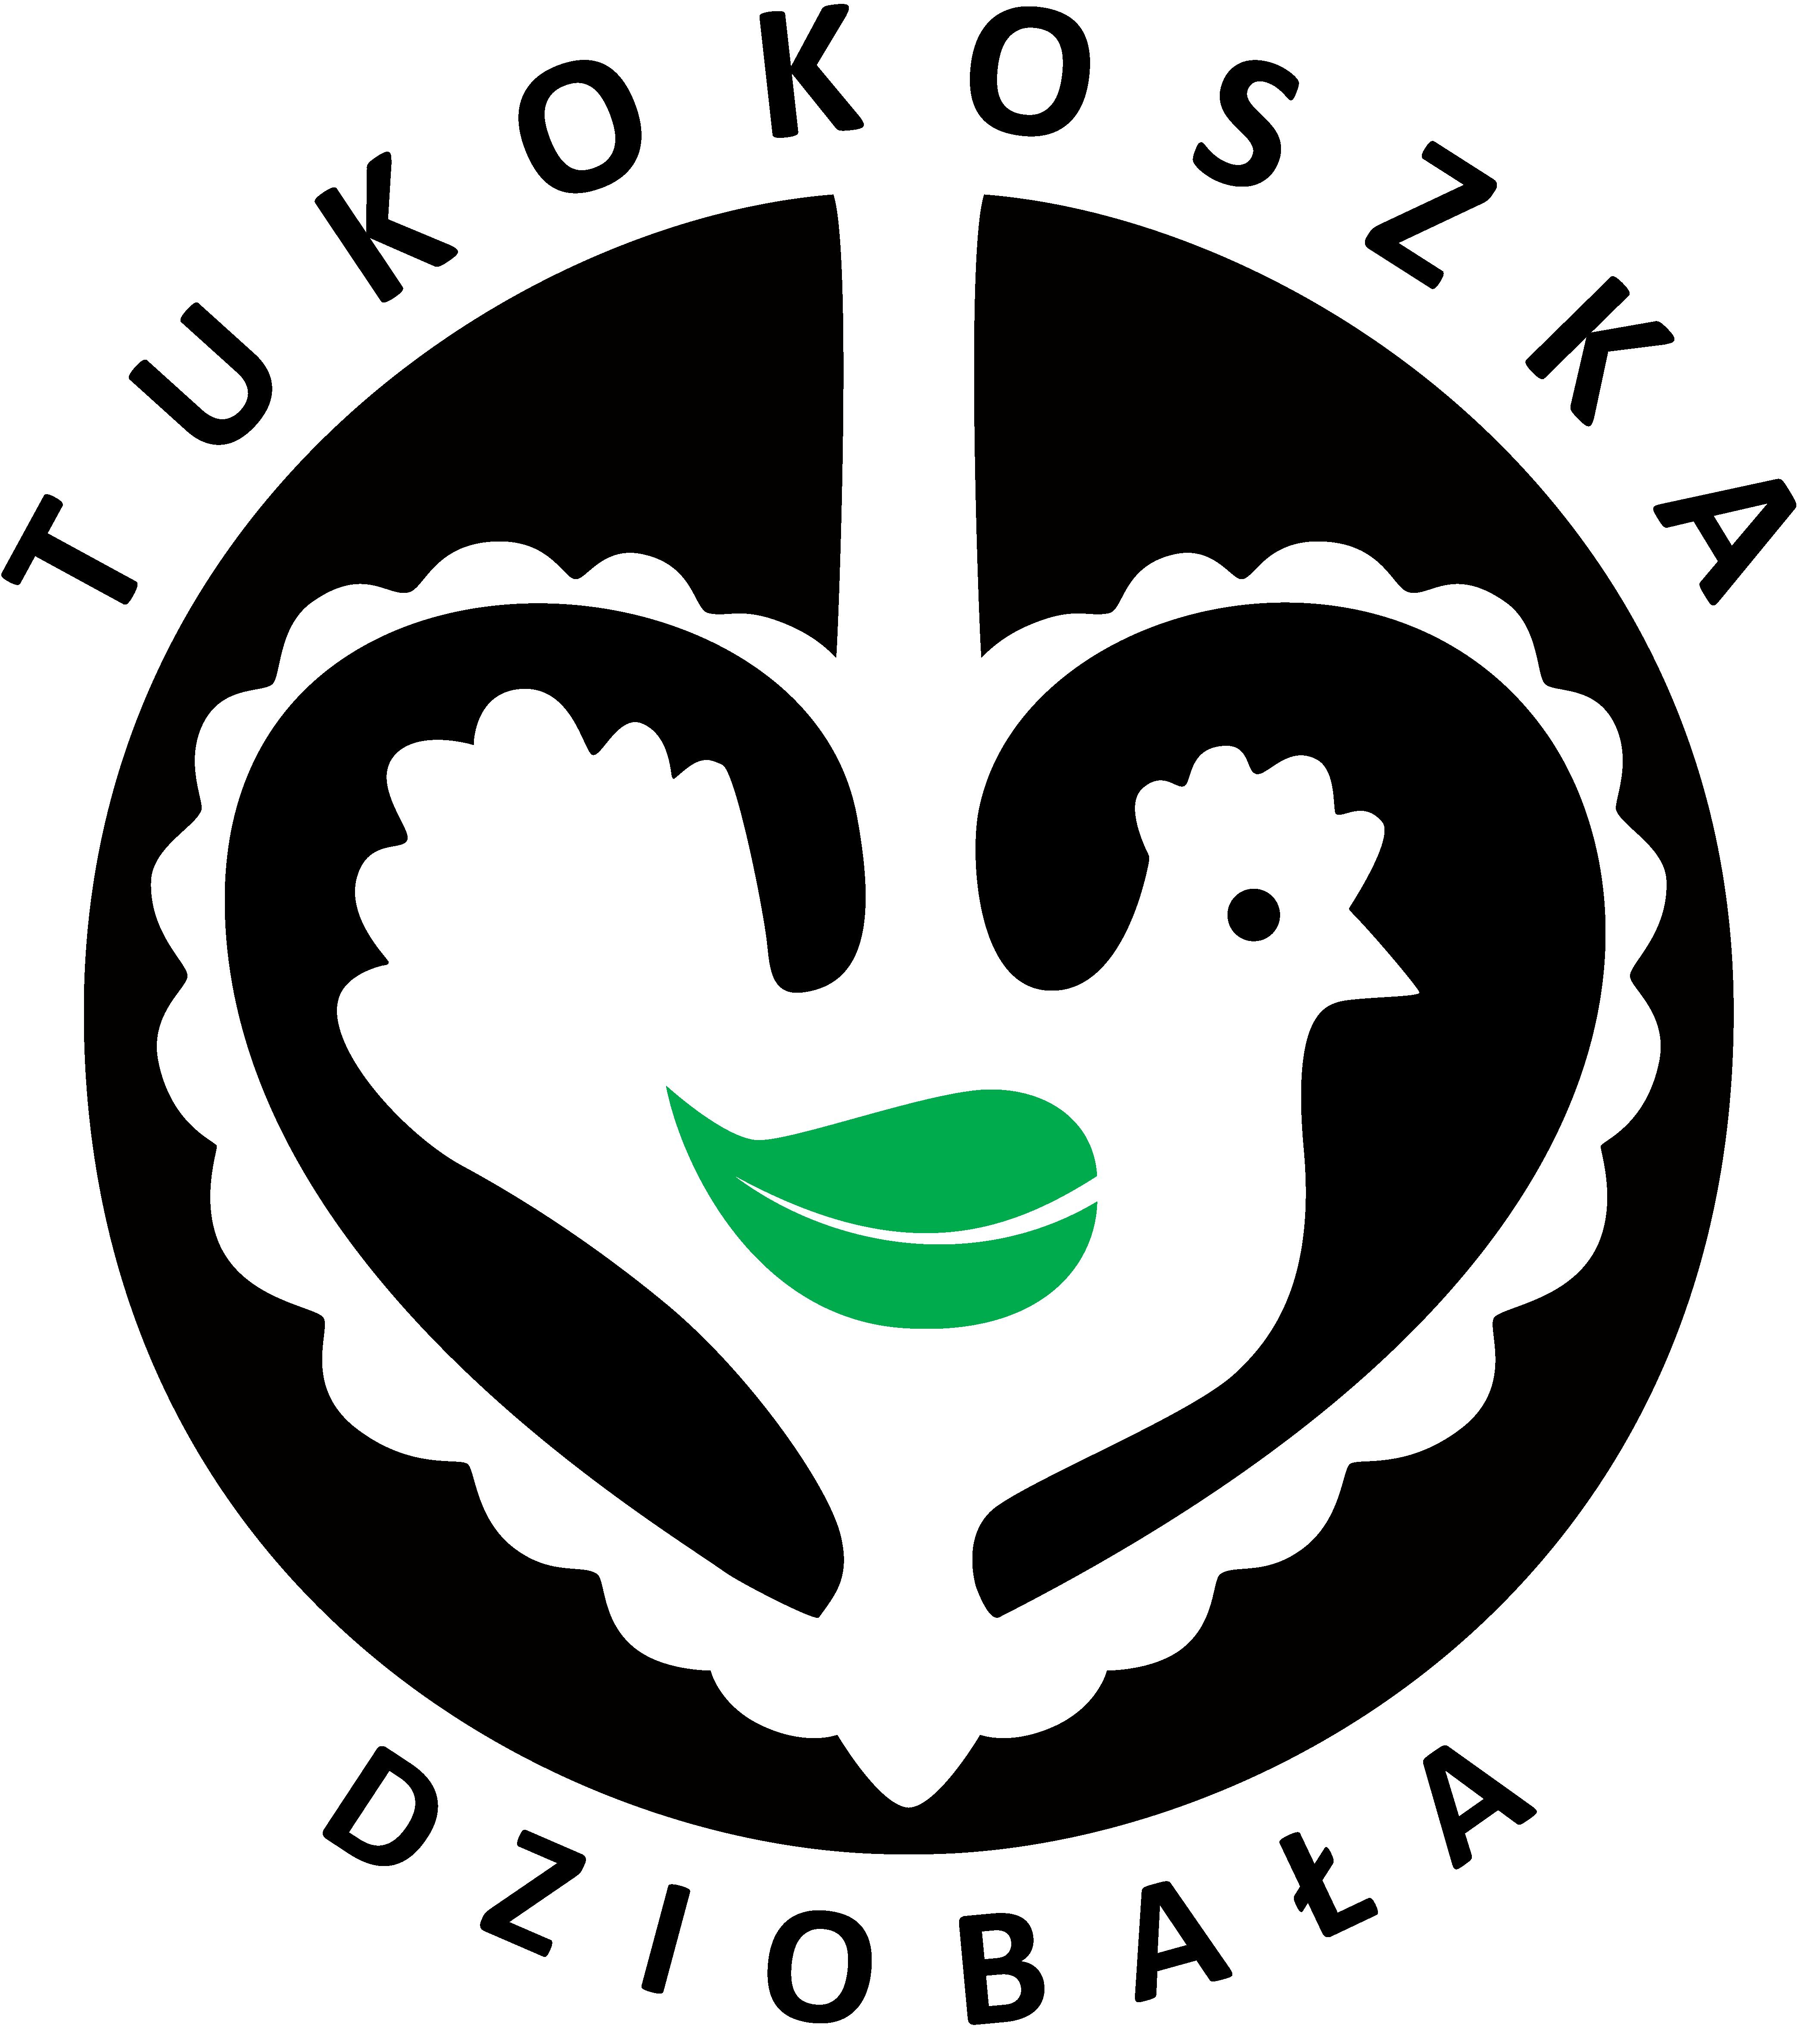 TuKokoszka Dziobała - dieta pudełkowa | catering dietetyczny roślinny